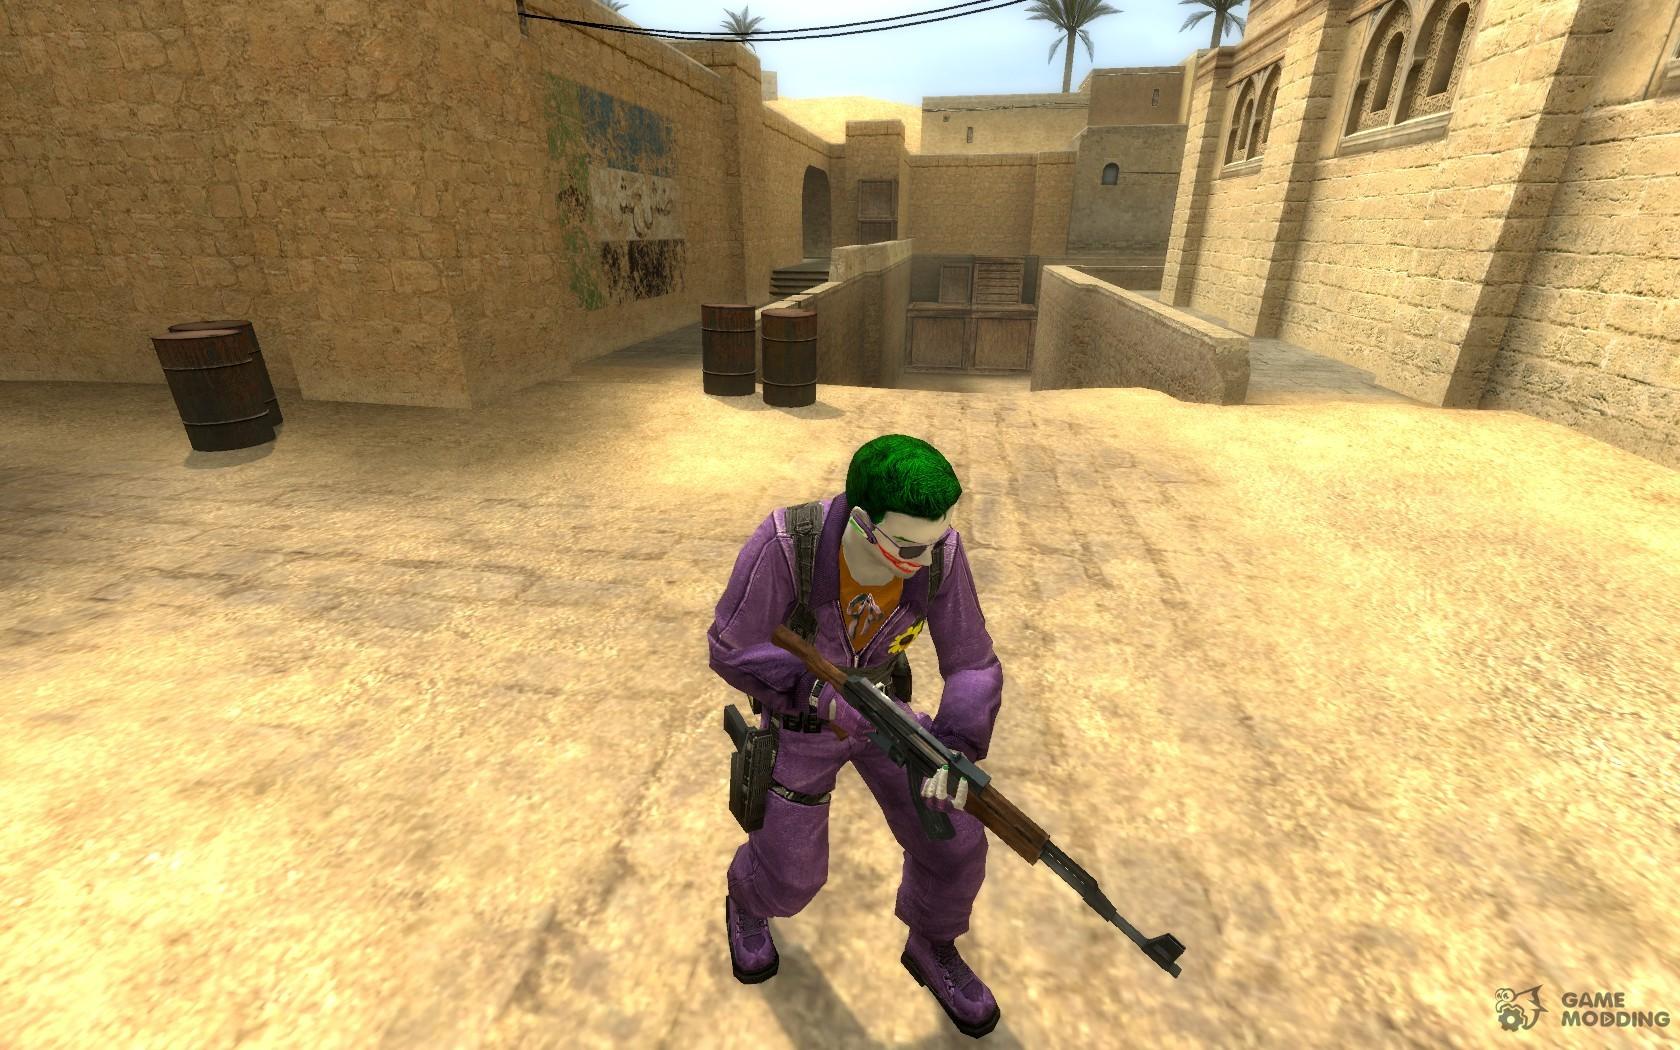 Joker skins cs go как узнать ip сервера на котором играешь в кс го